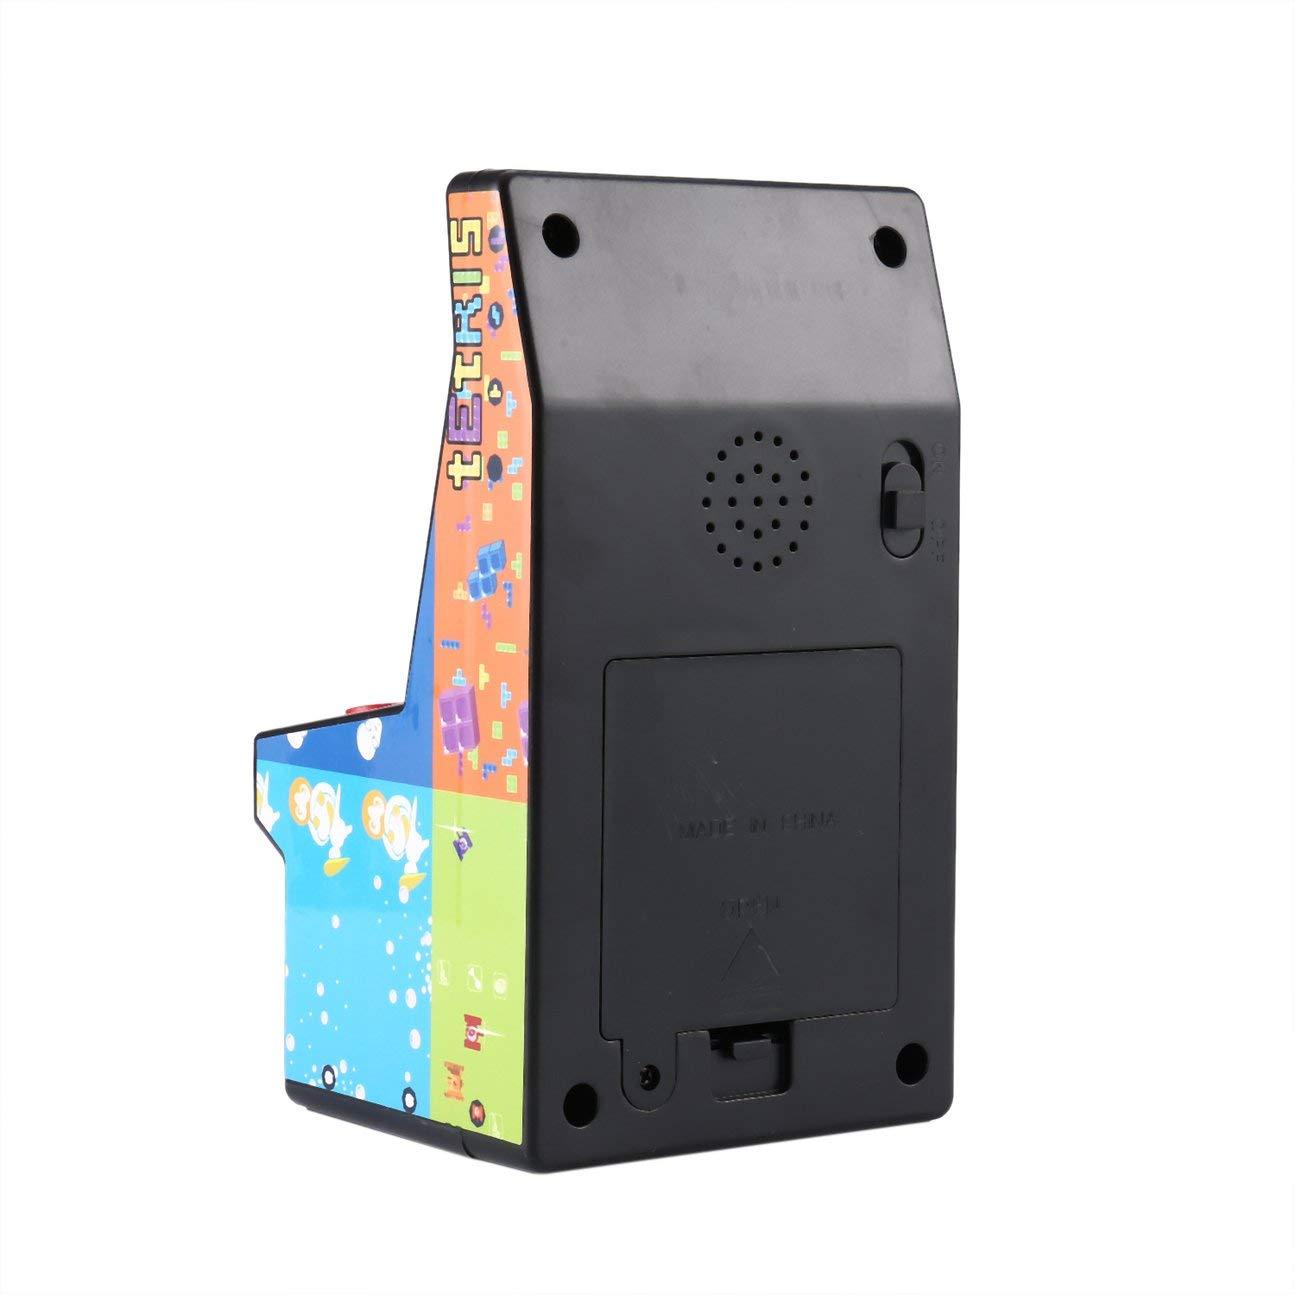 MachinYesell Cadeau pour Enfants Jouets éducatifs Mini Arcade Portable 8 Console de Jeu NDA Bascule Unique Multicolore